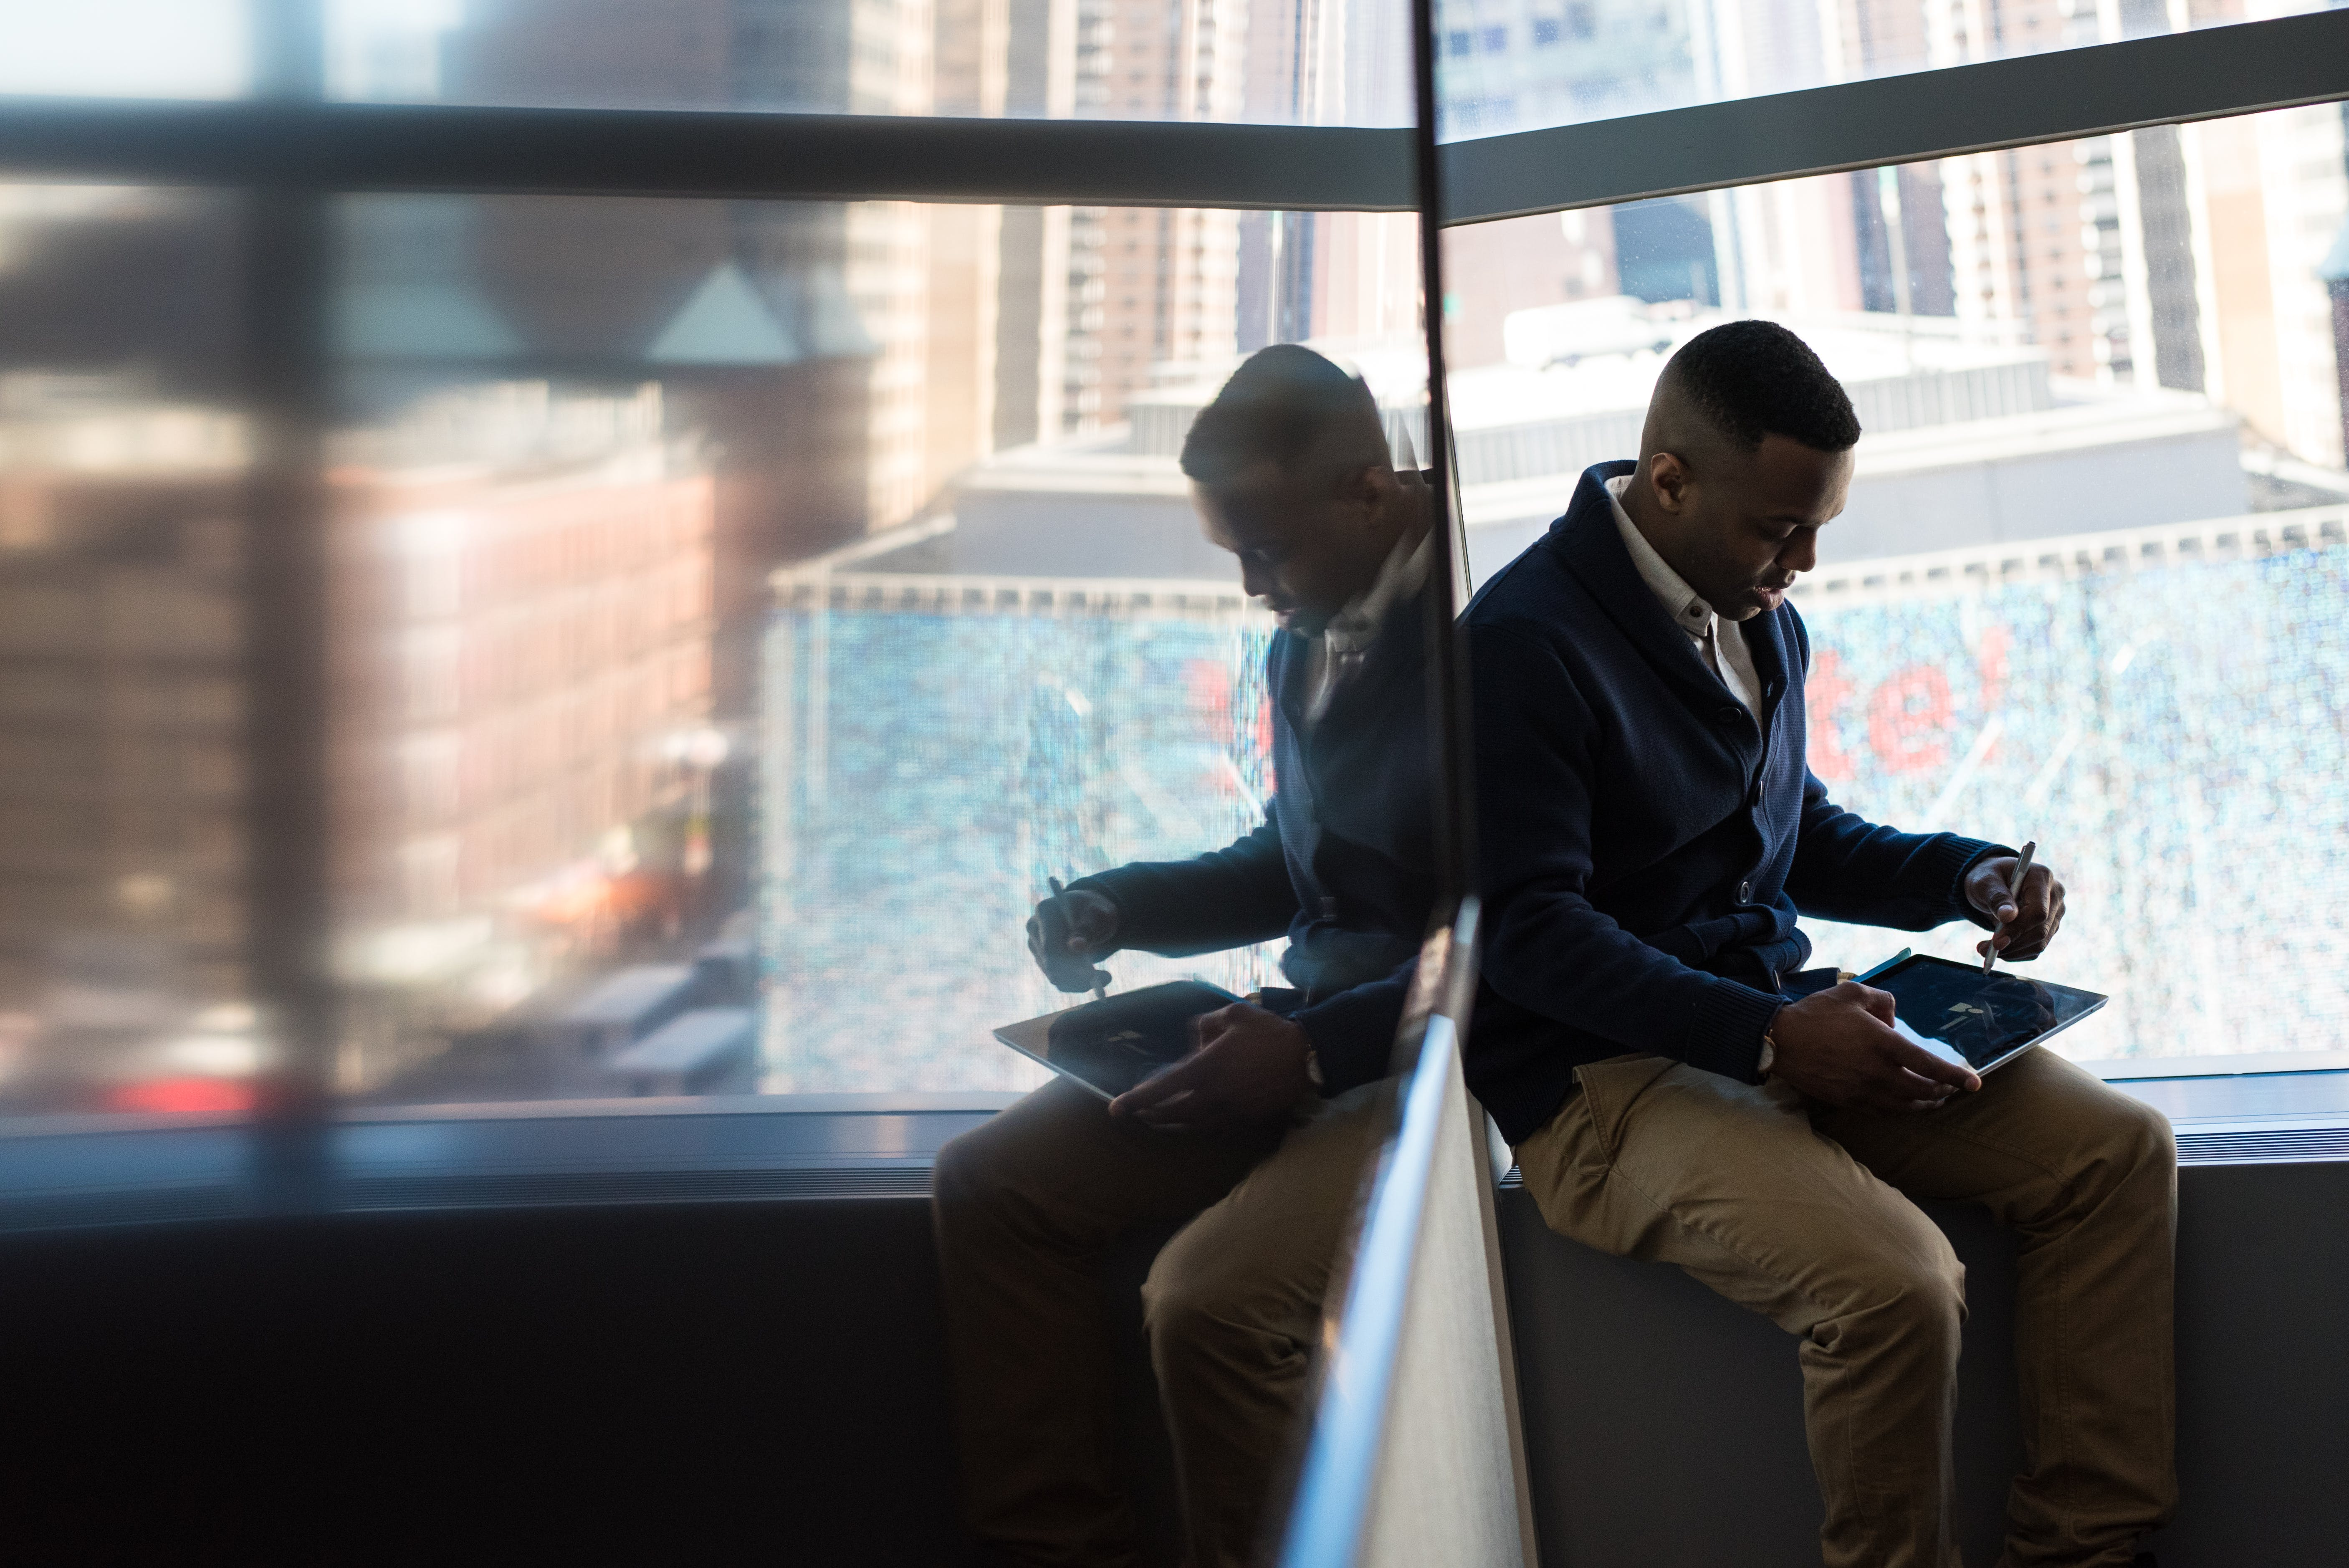 Man Sitting Beside Window